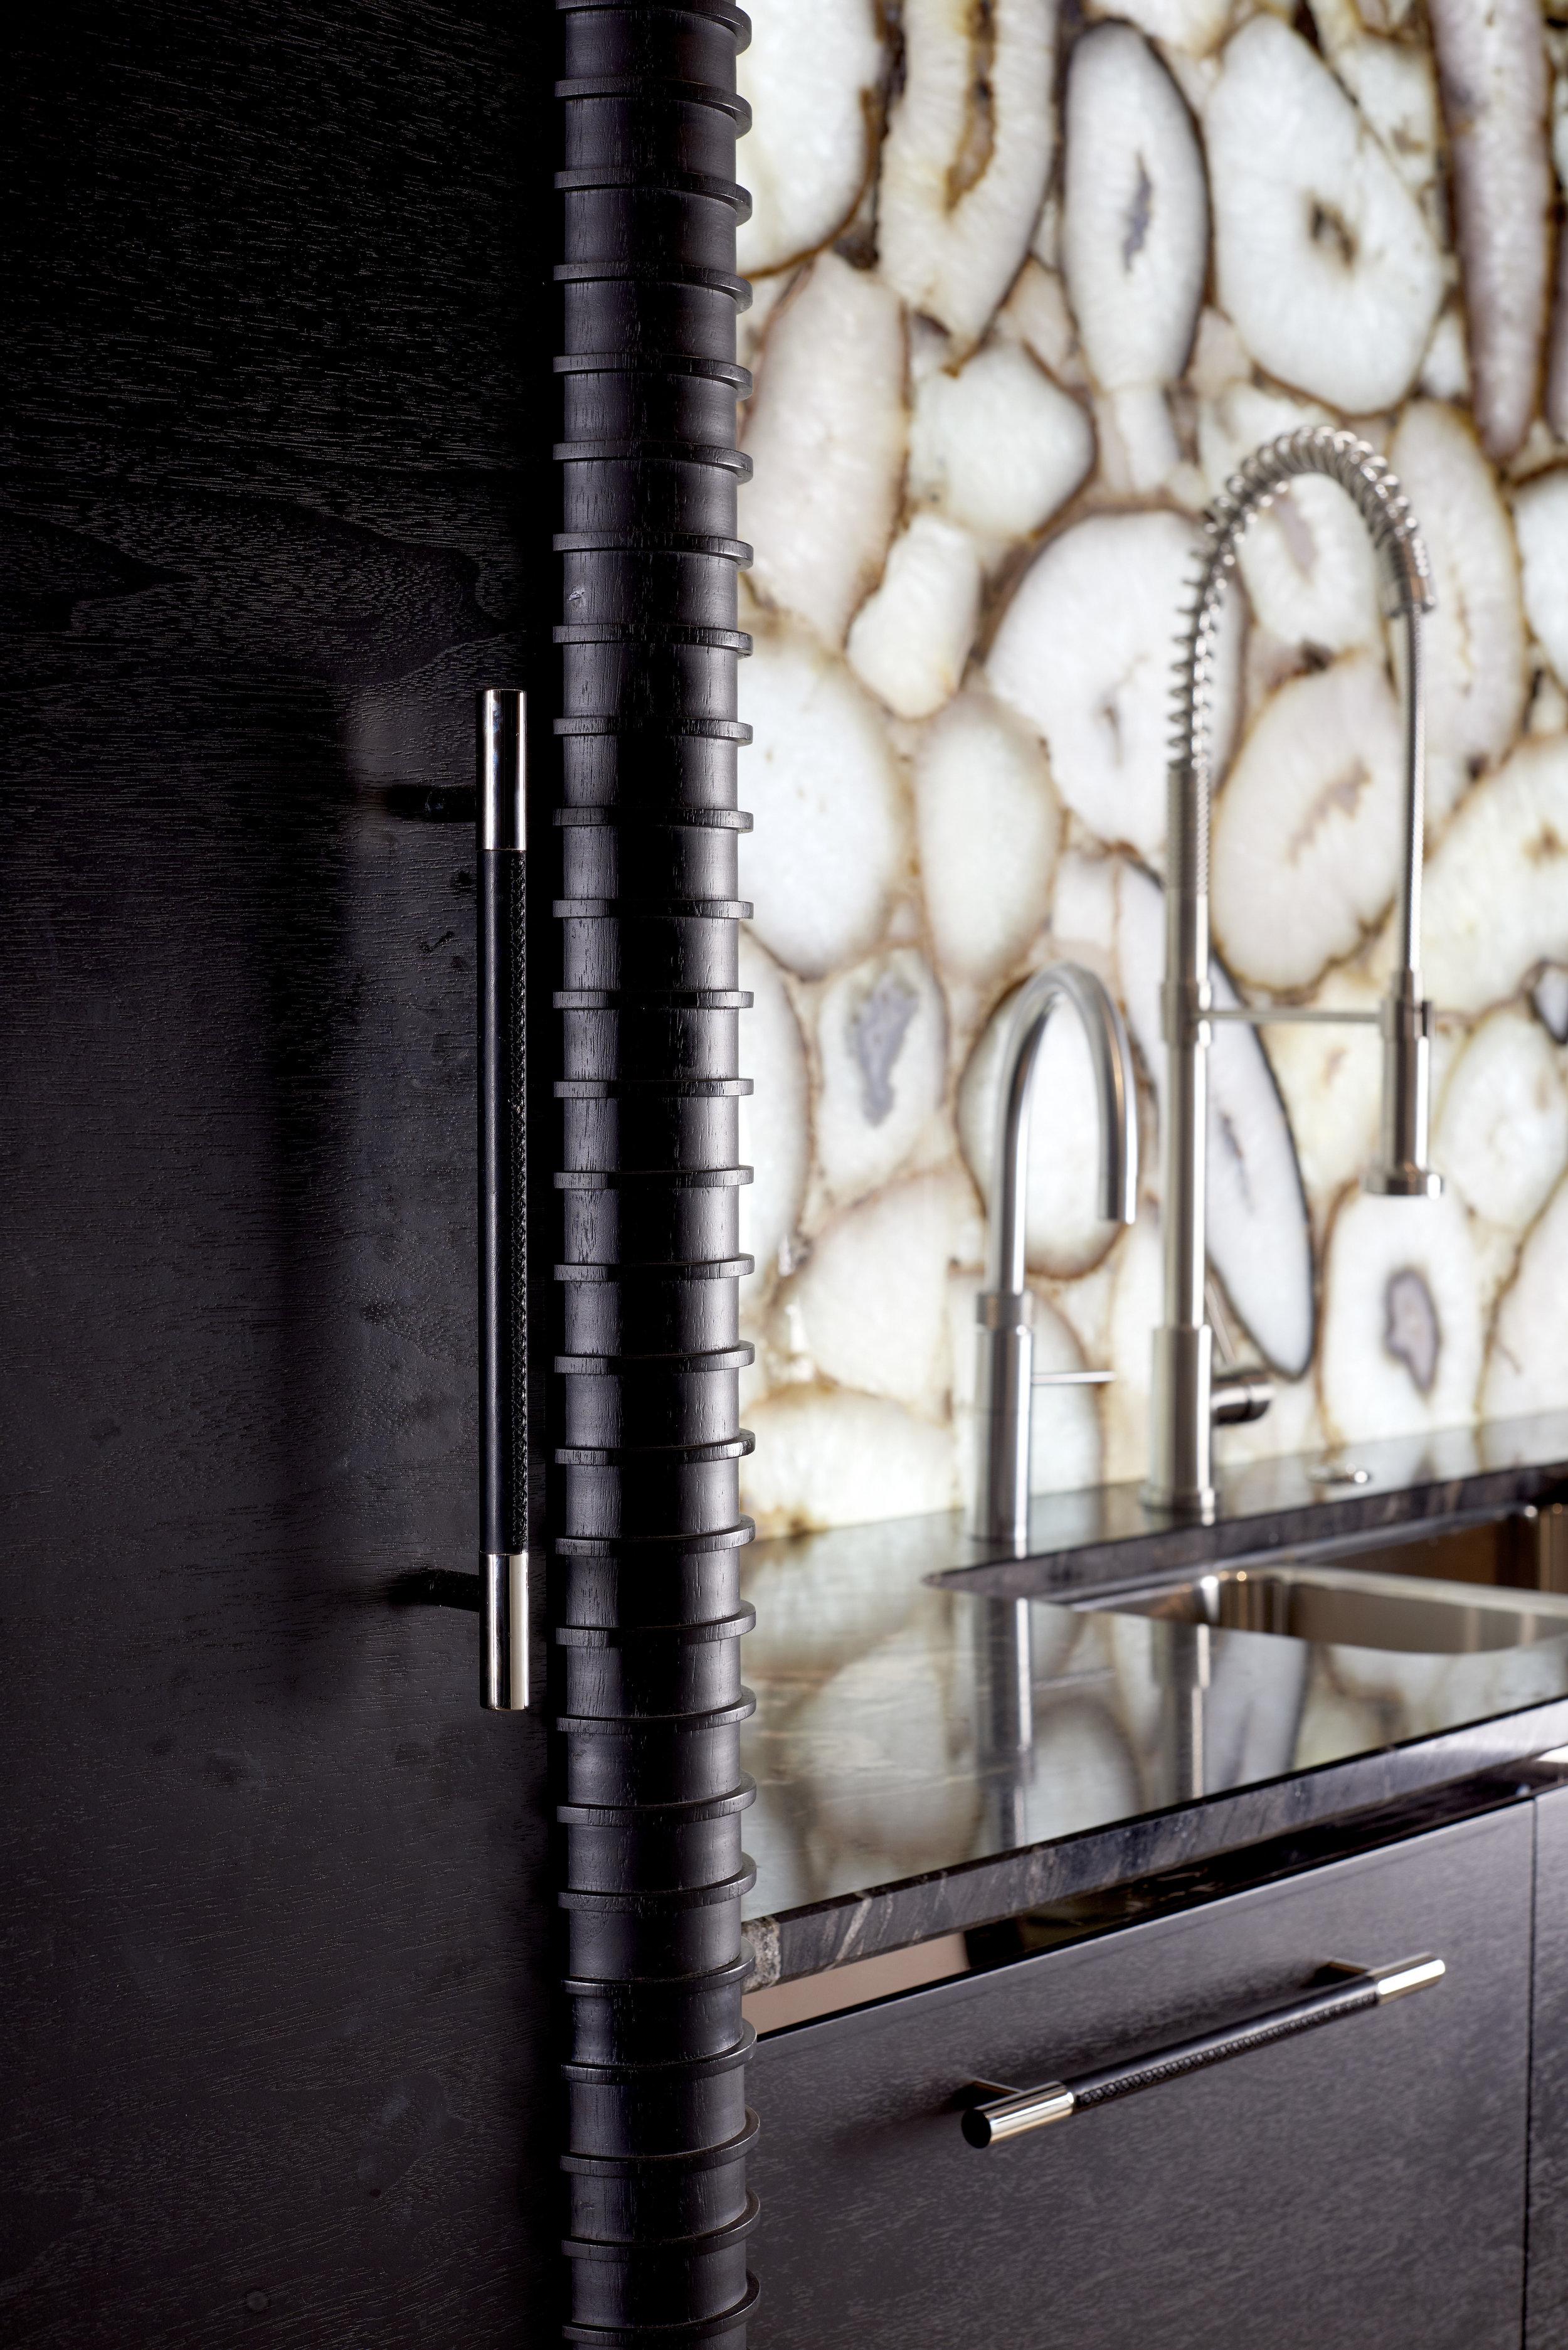 Kitchen_750_RT 1.jpg